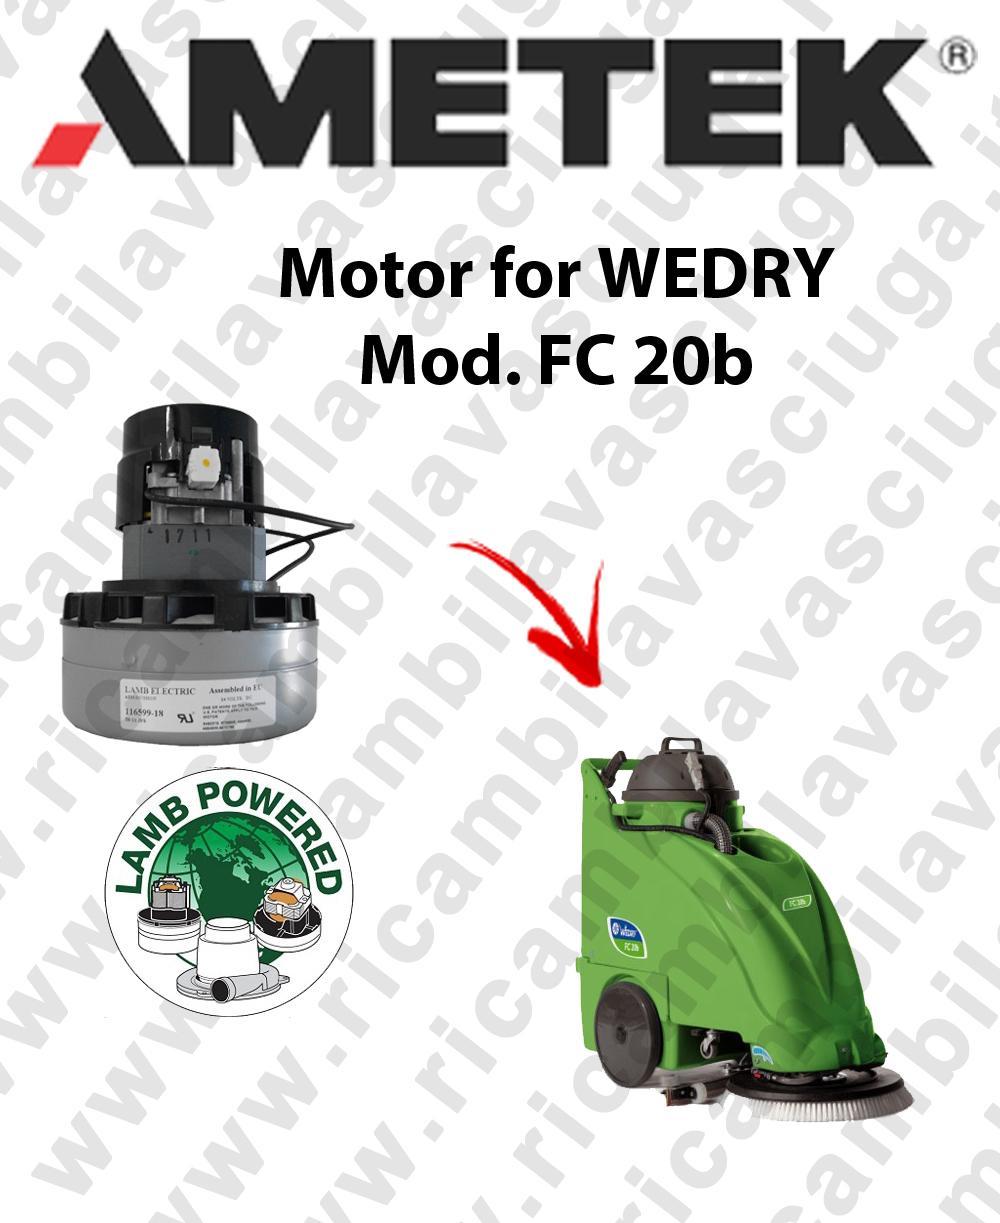 FC 20b moteur aspiration LAMB AMETEK pour autolaveuses WEDRY